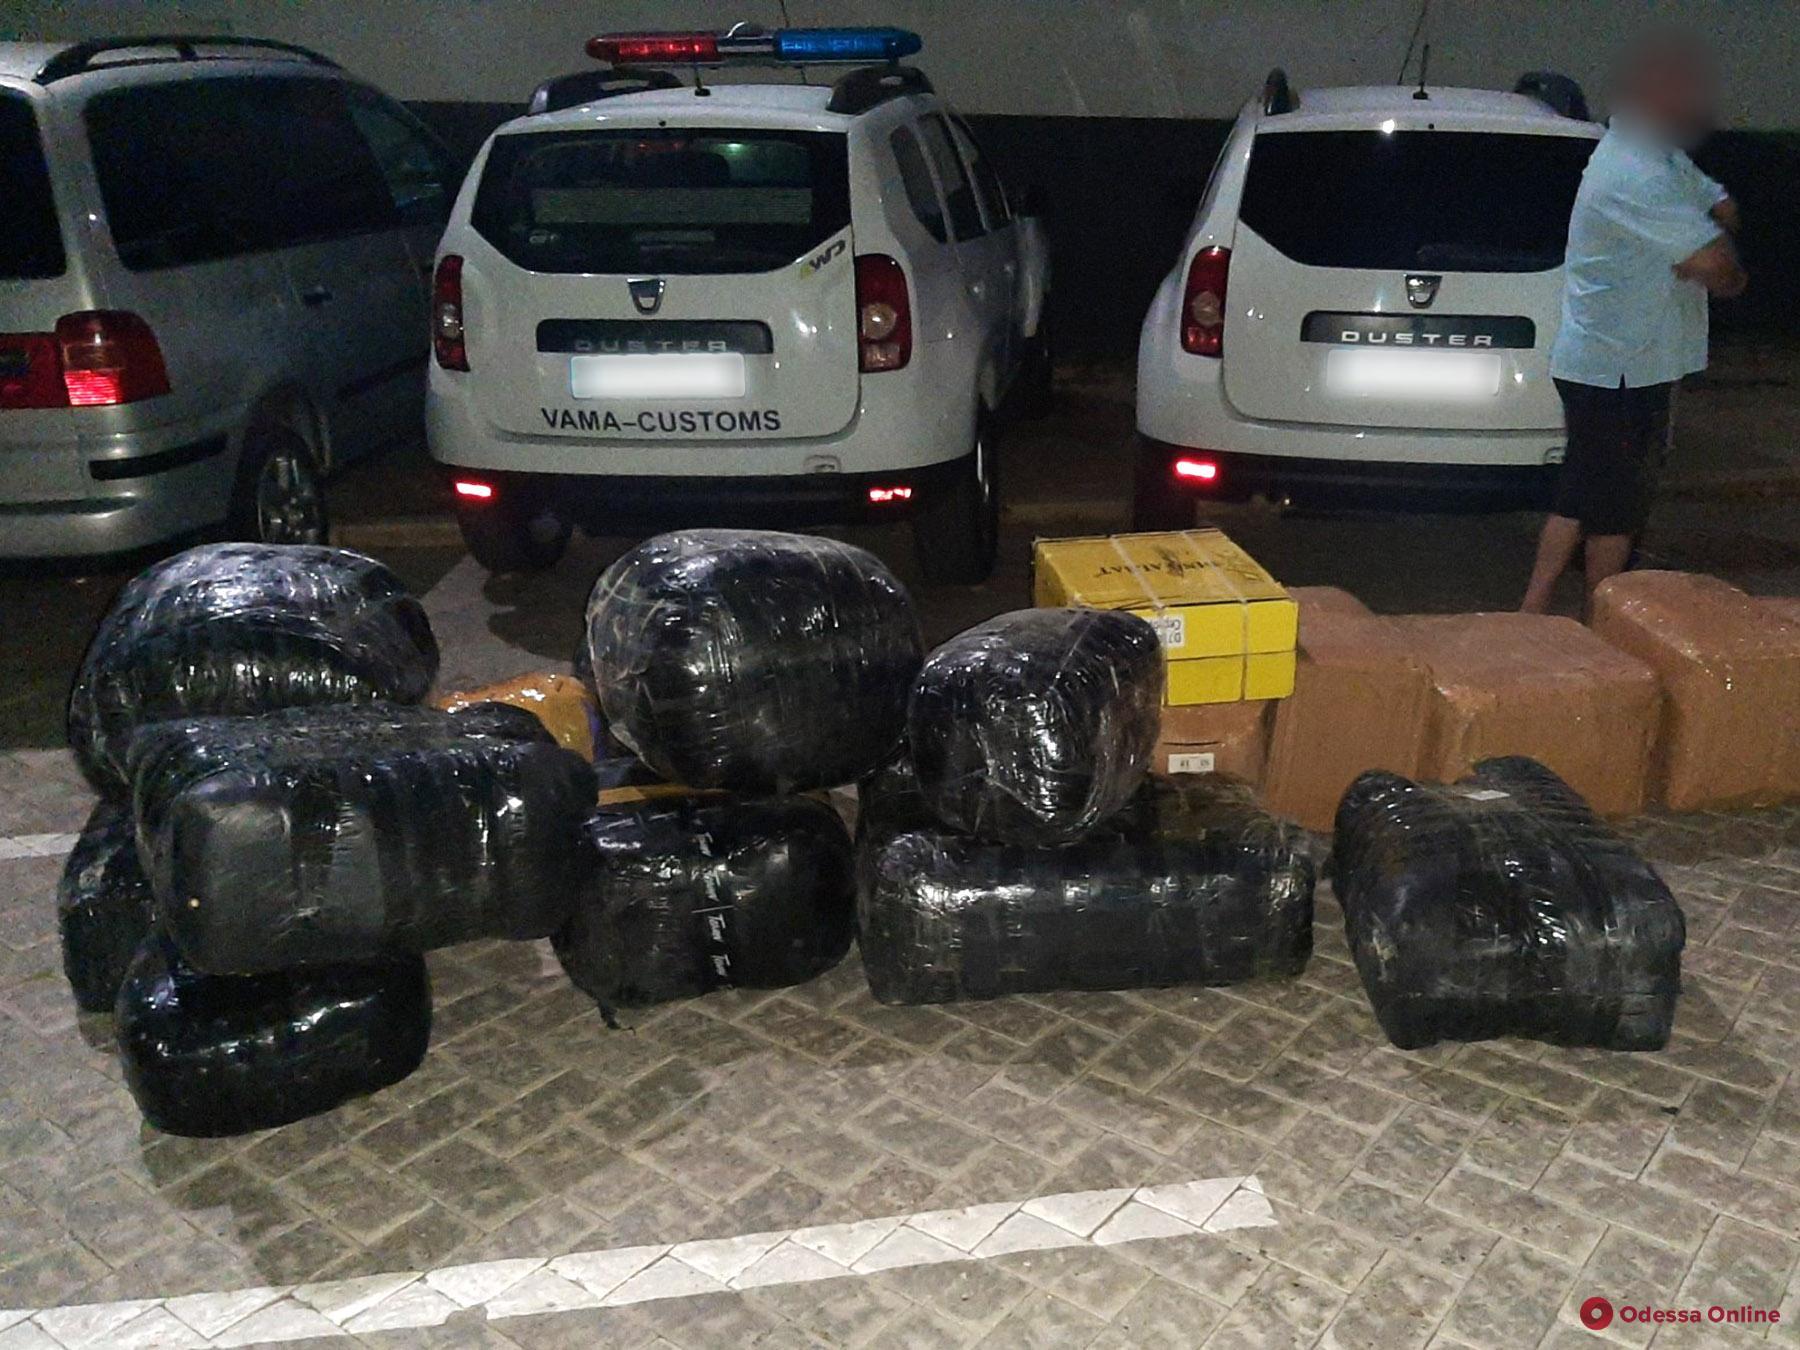 В Молдове задержали контрабандистов, нелегально возивших огромные партии товара из Одессы в Кишинев